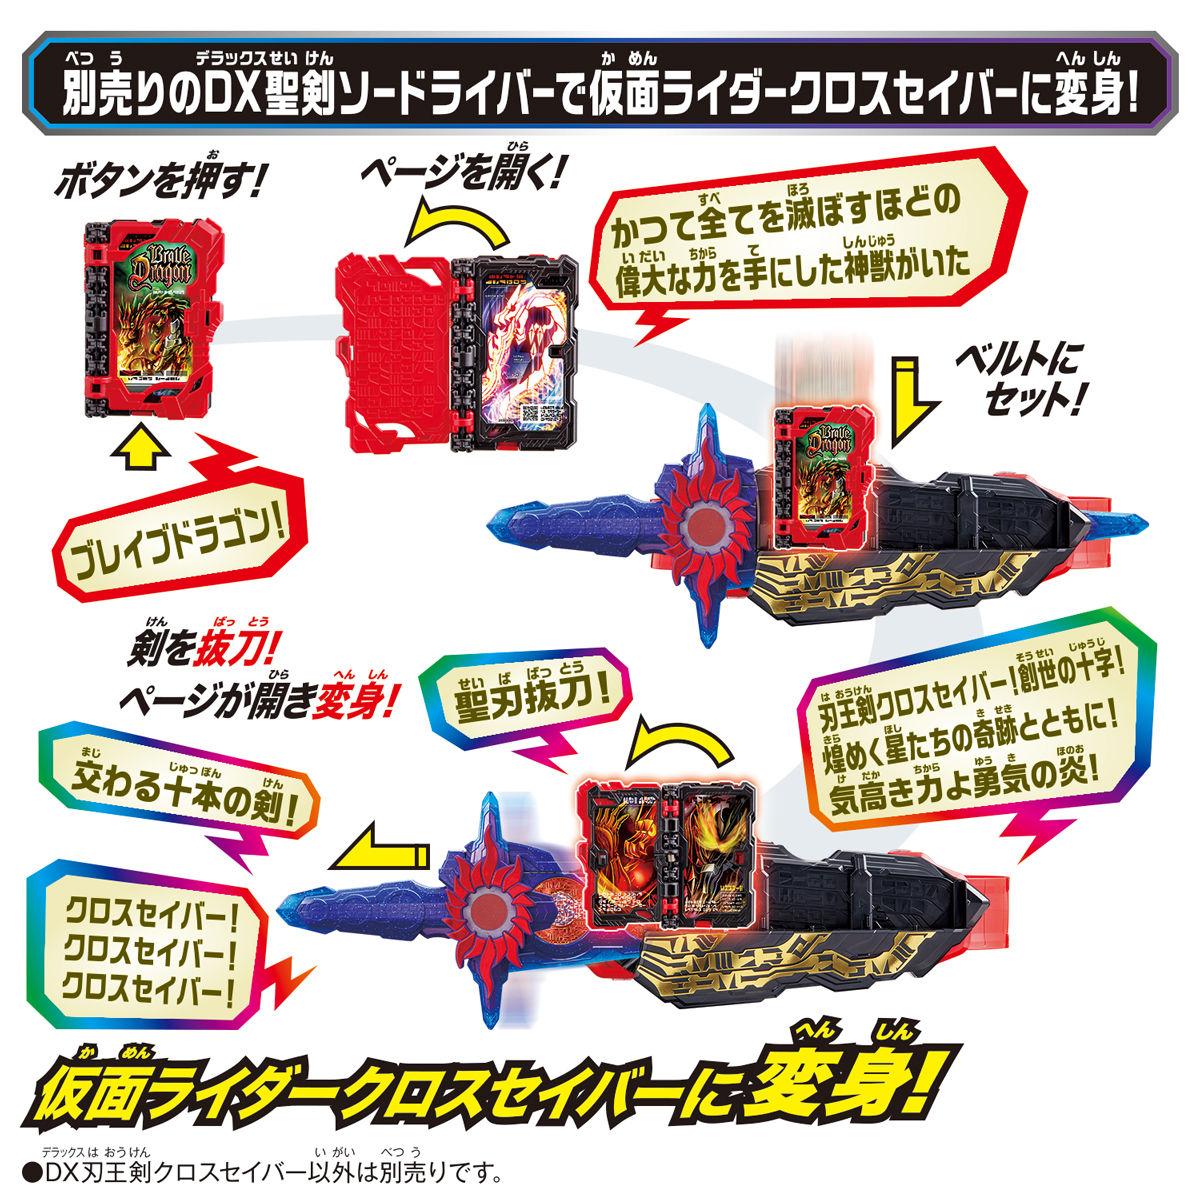 【限定販売】仮面ライダーセイバー『DX刃王剣クロスセイバー』仮面ライダークロスセイバー 変身なりきり-002